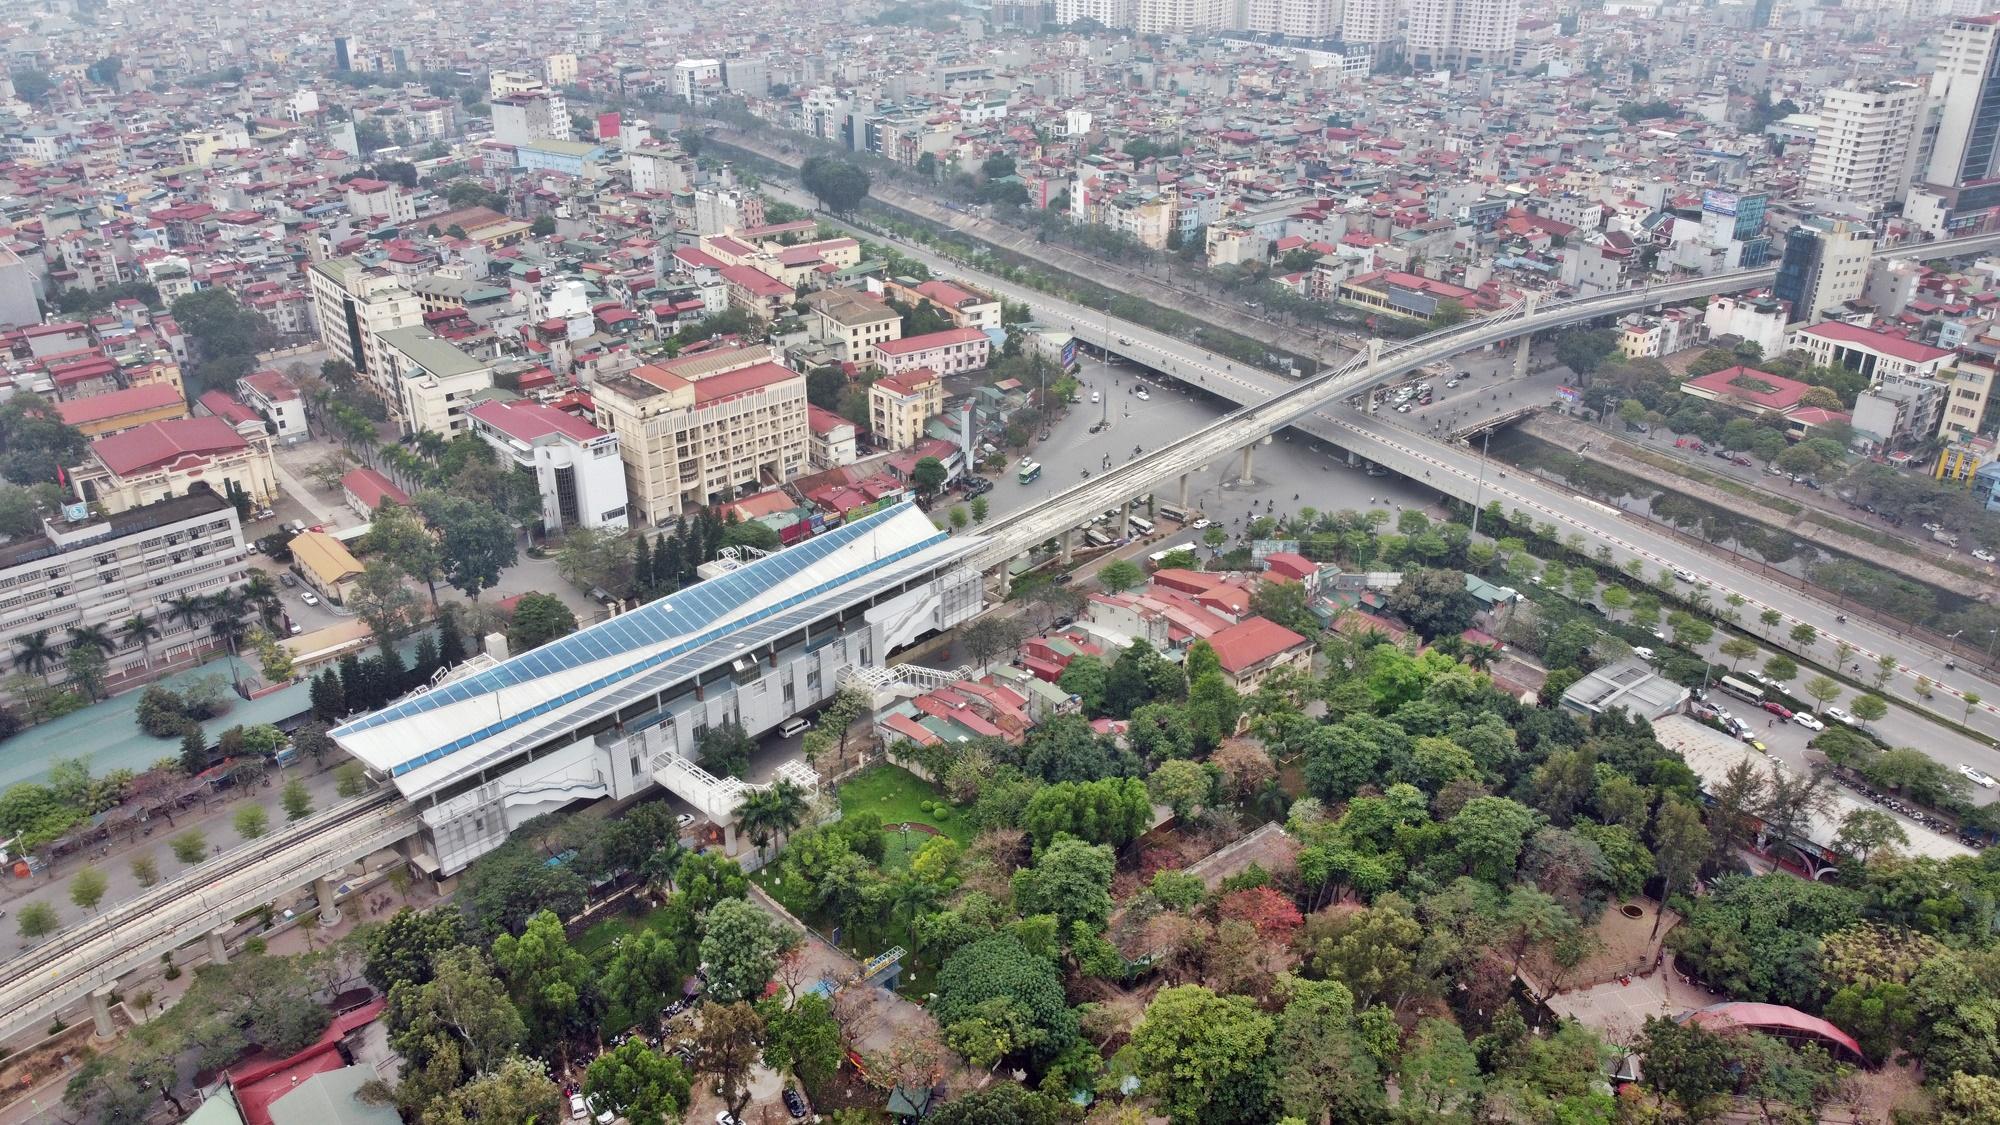 Hình ảnh đường sắt Nhổn - ga Hà Nội khi 'đến hẹn' vận hành đoạn trên cao - Ảnh 4.